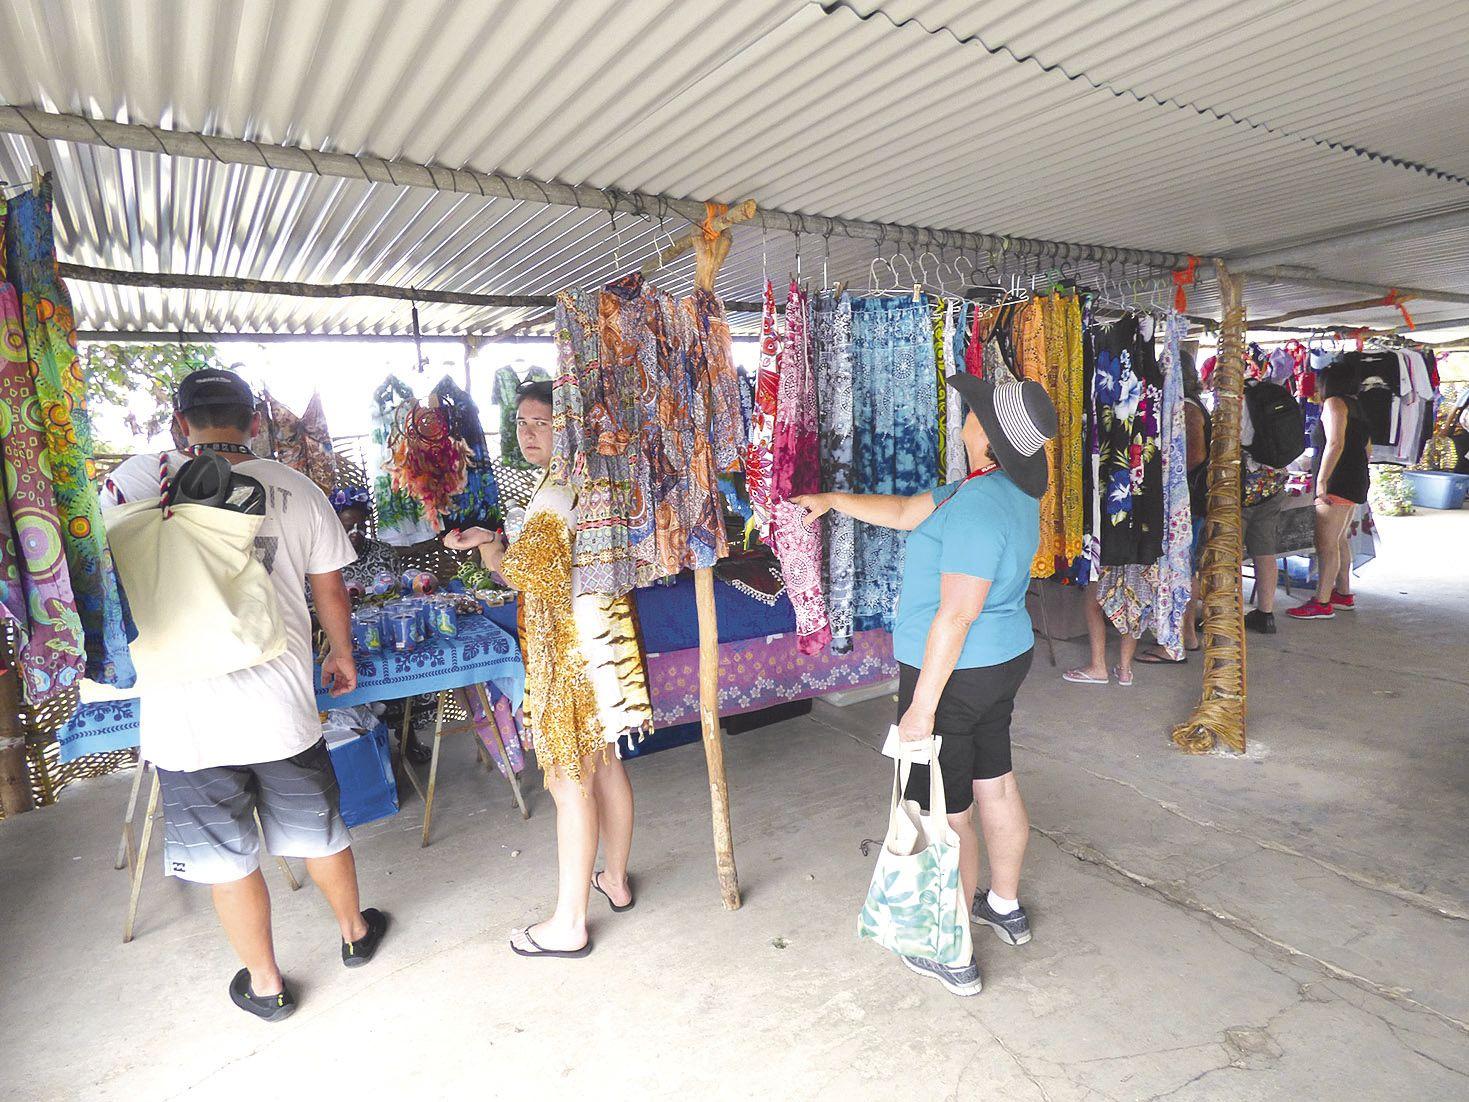 Dès 9 heures, les premières chaloupes accostent au ponton d'Easo. Fraîchement  débarqués, certains croisiéristes visitent les différents stands d'artisanat et de restauration alors que d'autres optent pour les circuits touristes proposés.